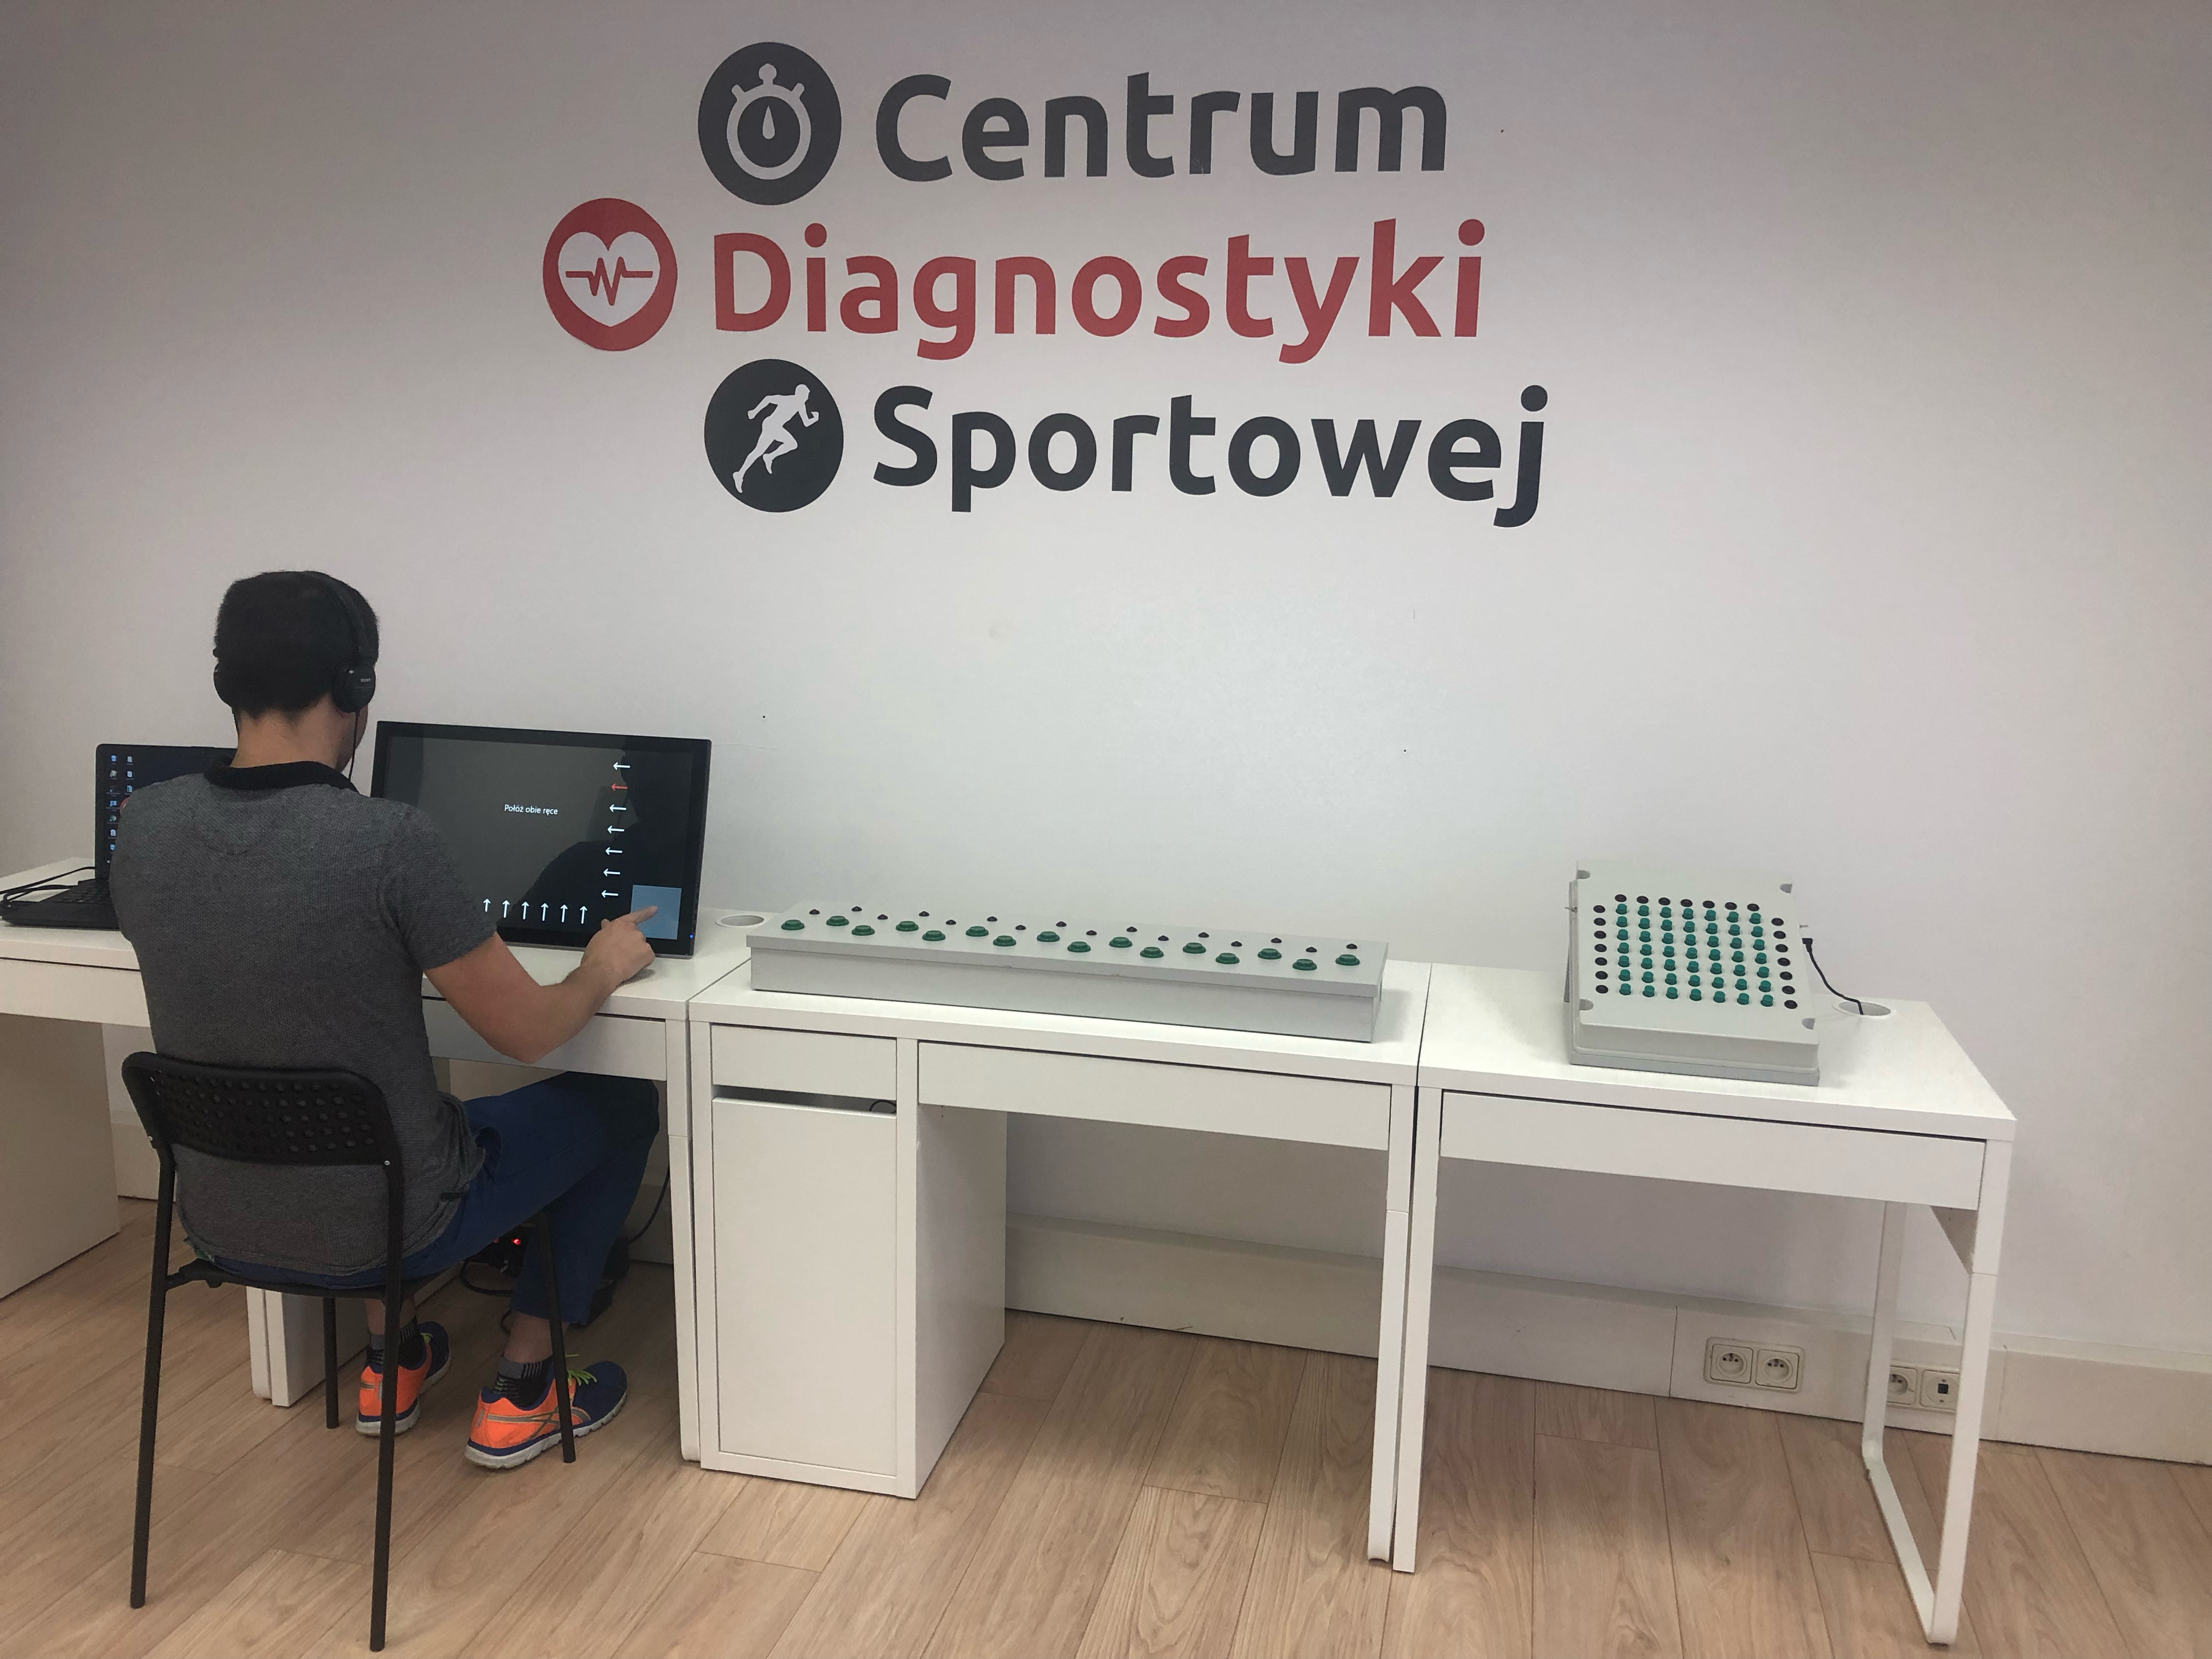 Centrum Diagnostyki Sportowej